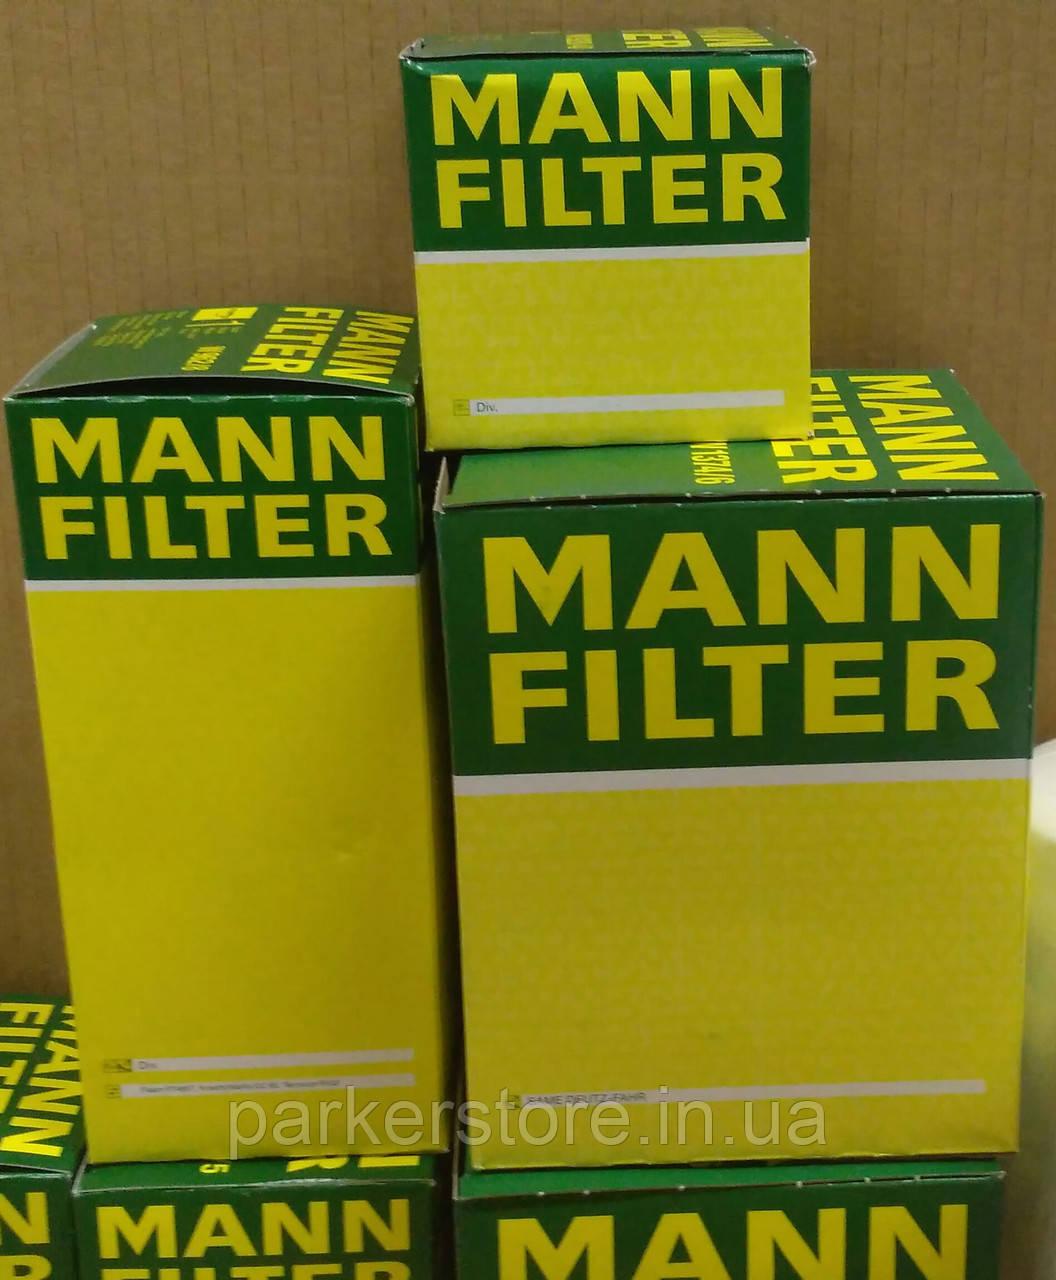 MANN FILTER / Воздушный фильтр / C 31 1495 / C311495